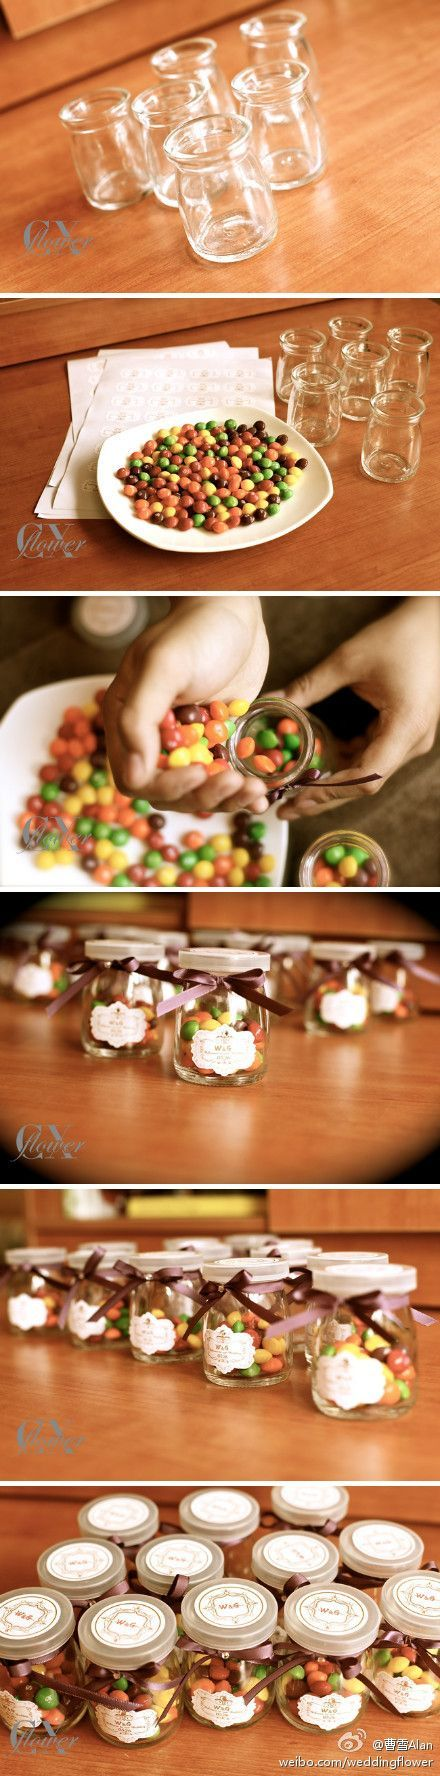 ¡Mira todos estos padrísimos souvenirs que puedes hacer tú misma! #Wedding #WeddingDIY #WeddingSouvenirs #WeddingFavors #Tips #Ideas